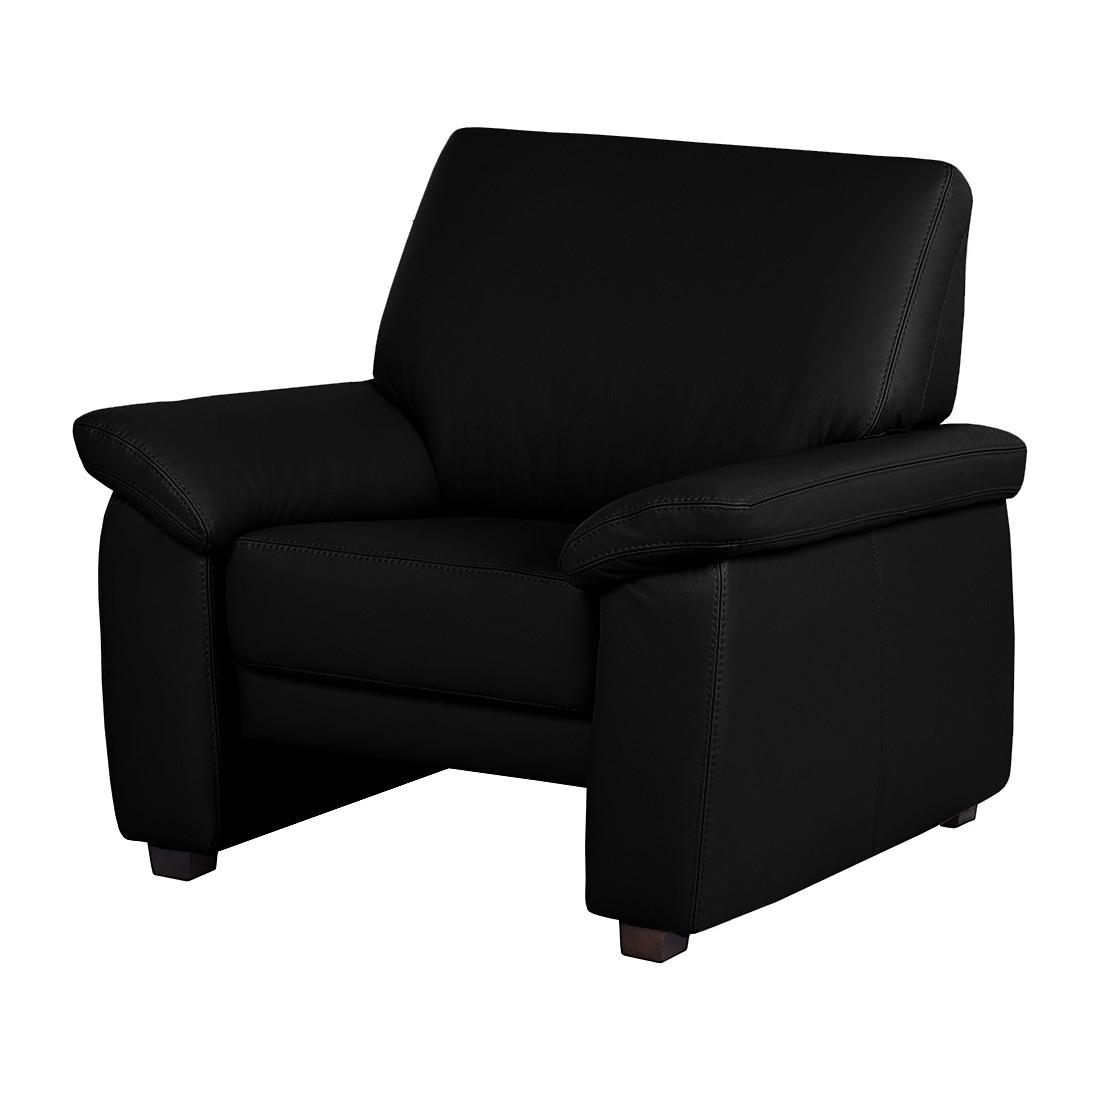 Fauteuil Grimsby - Cuir véritable noir, Nuovoform